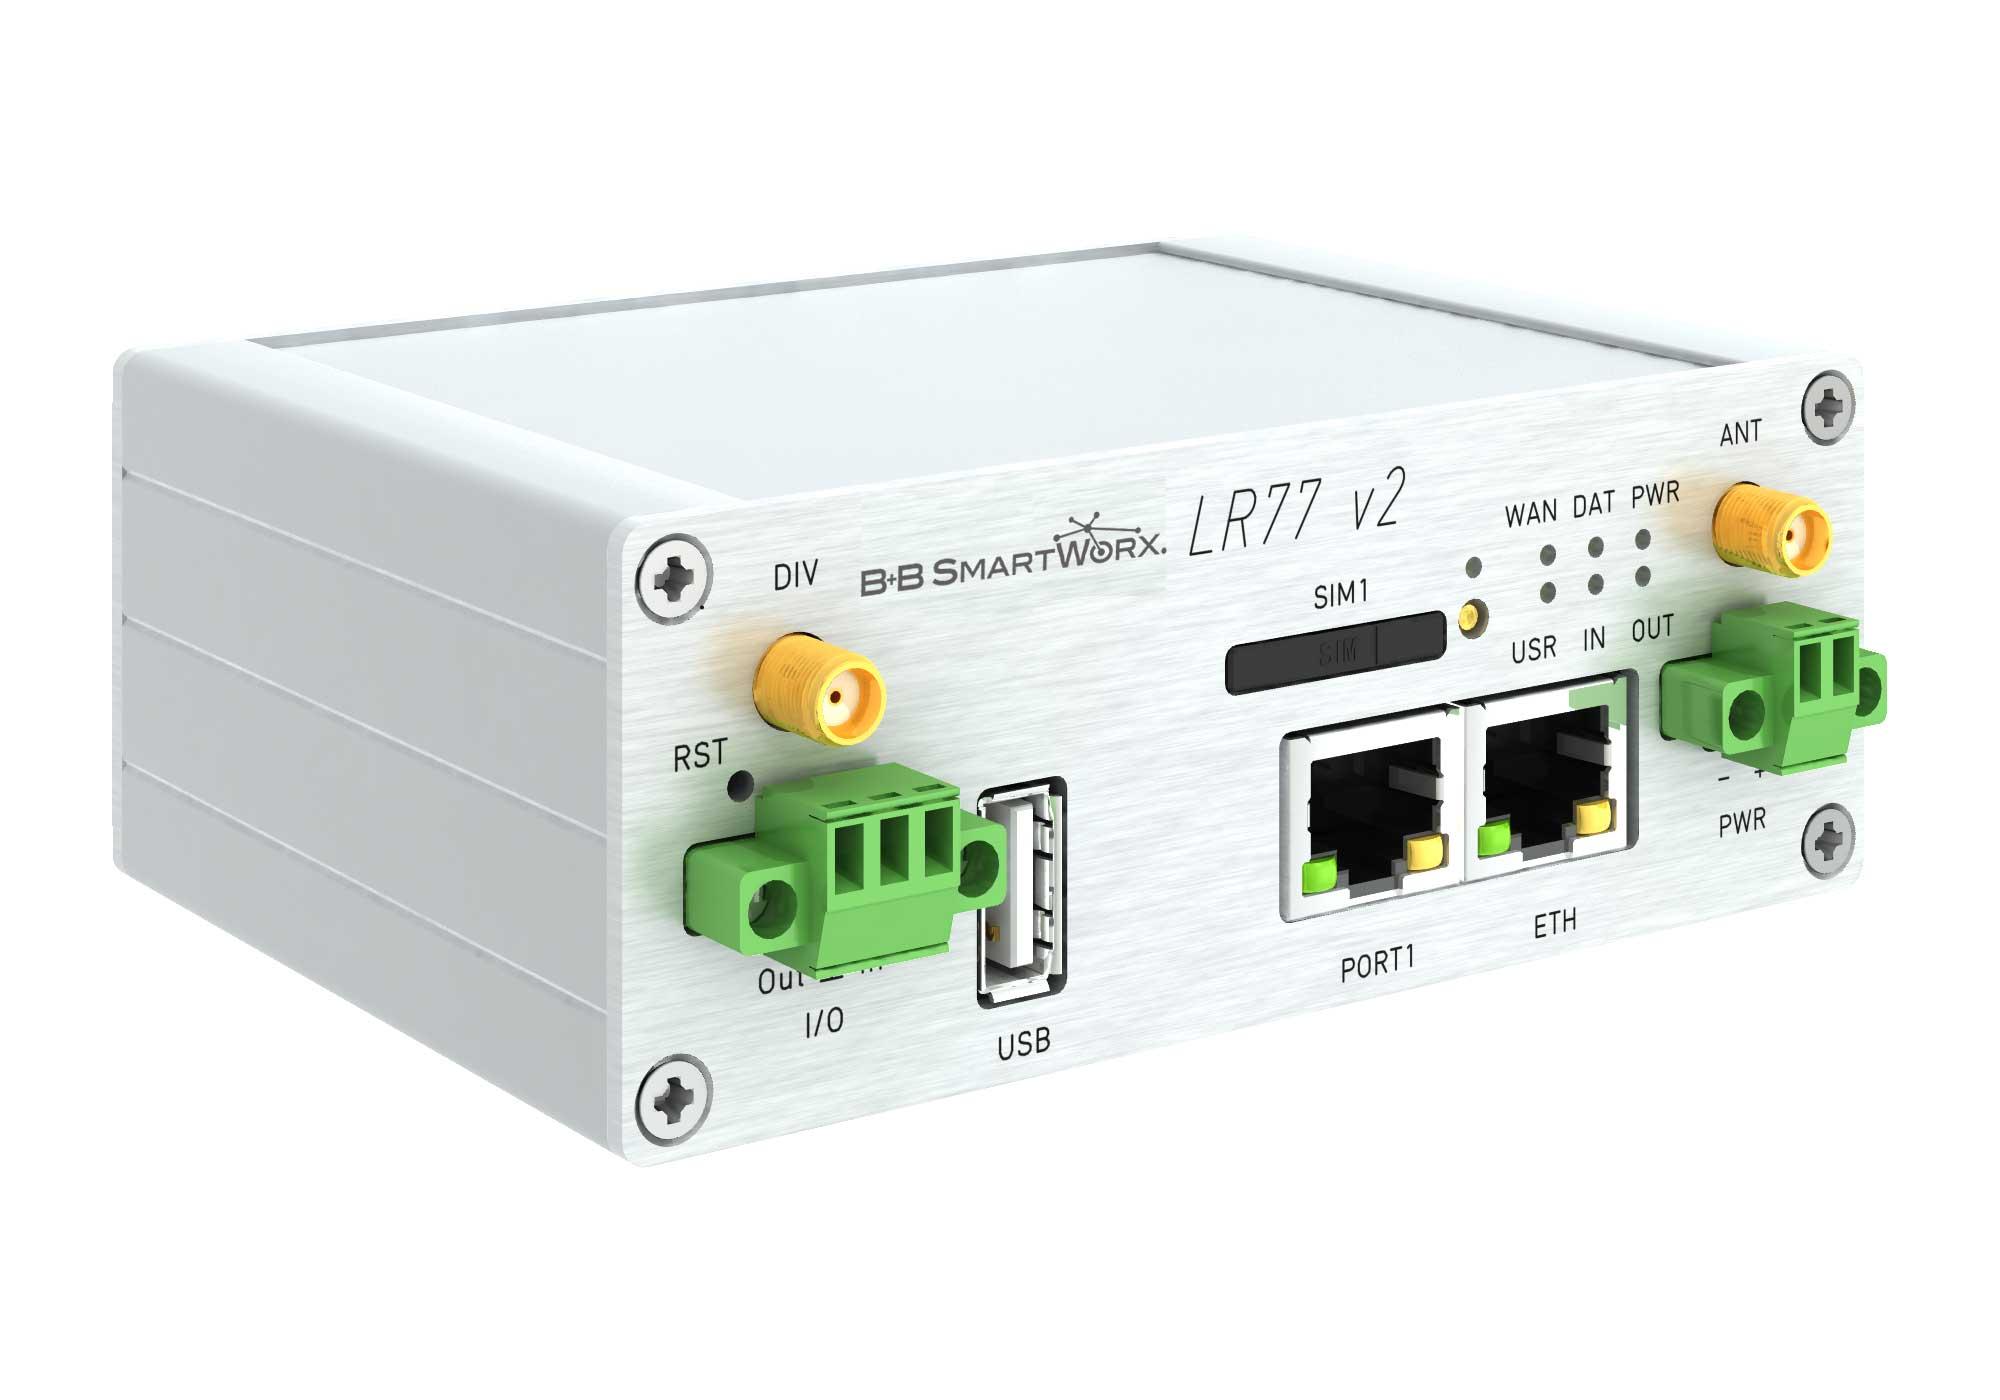 4G LTE Router LR77 V2